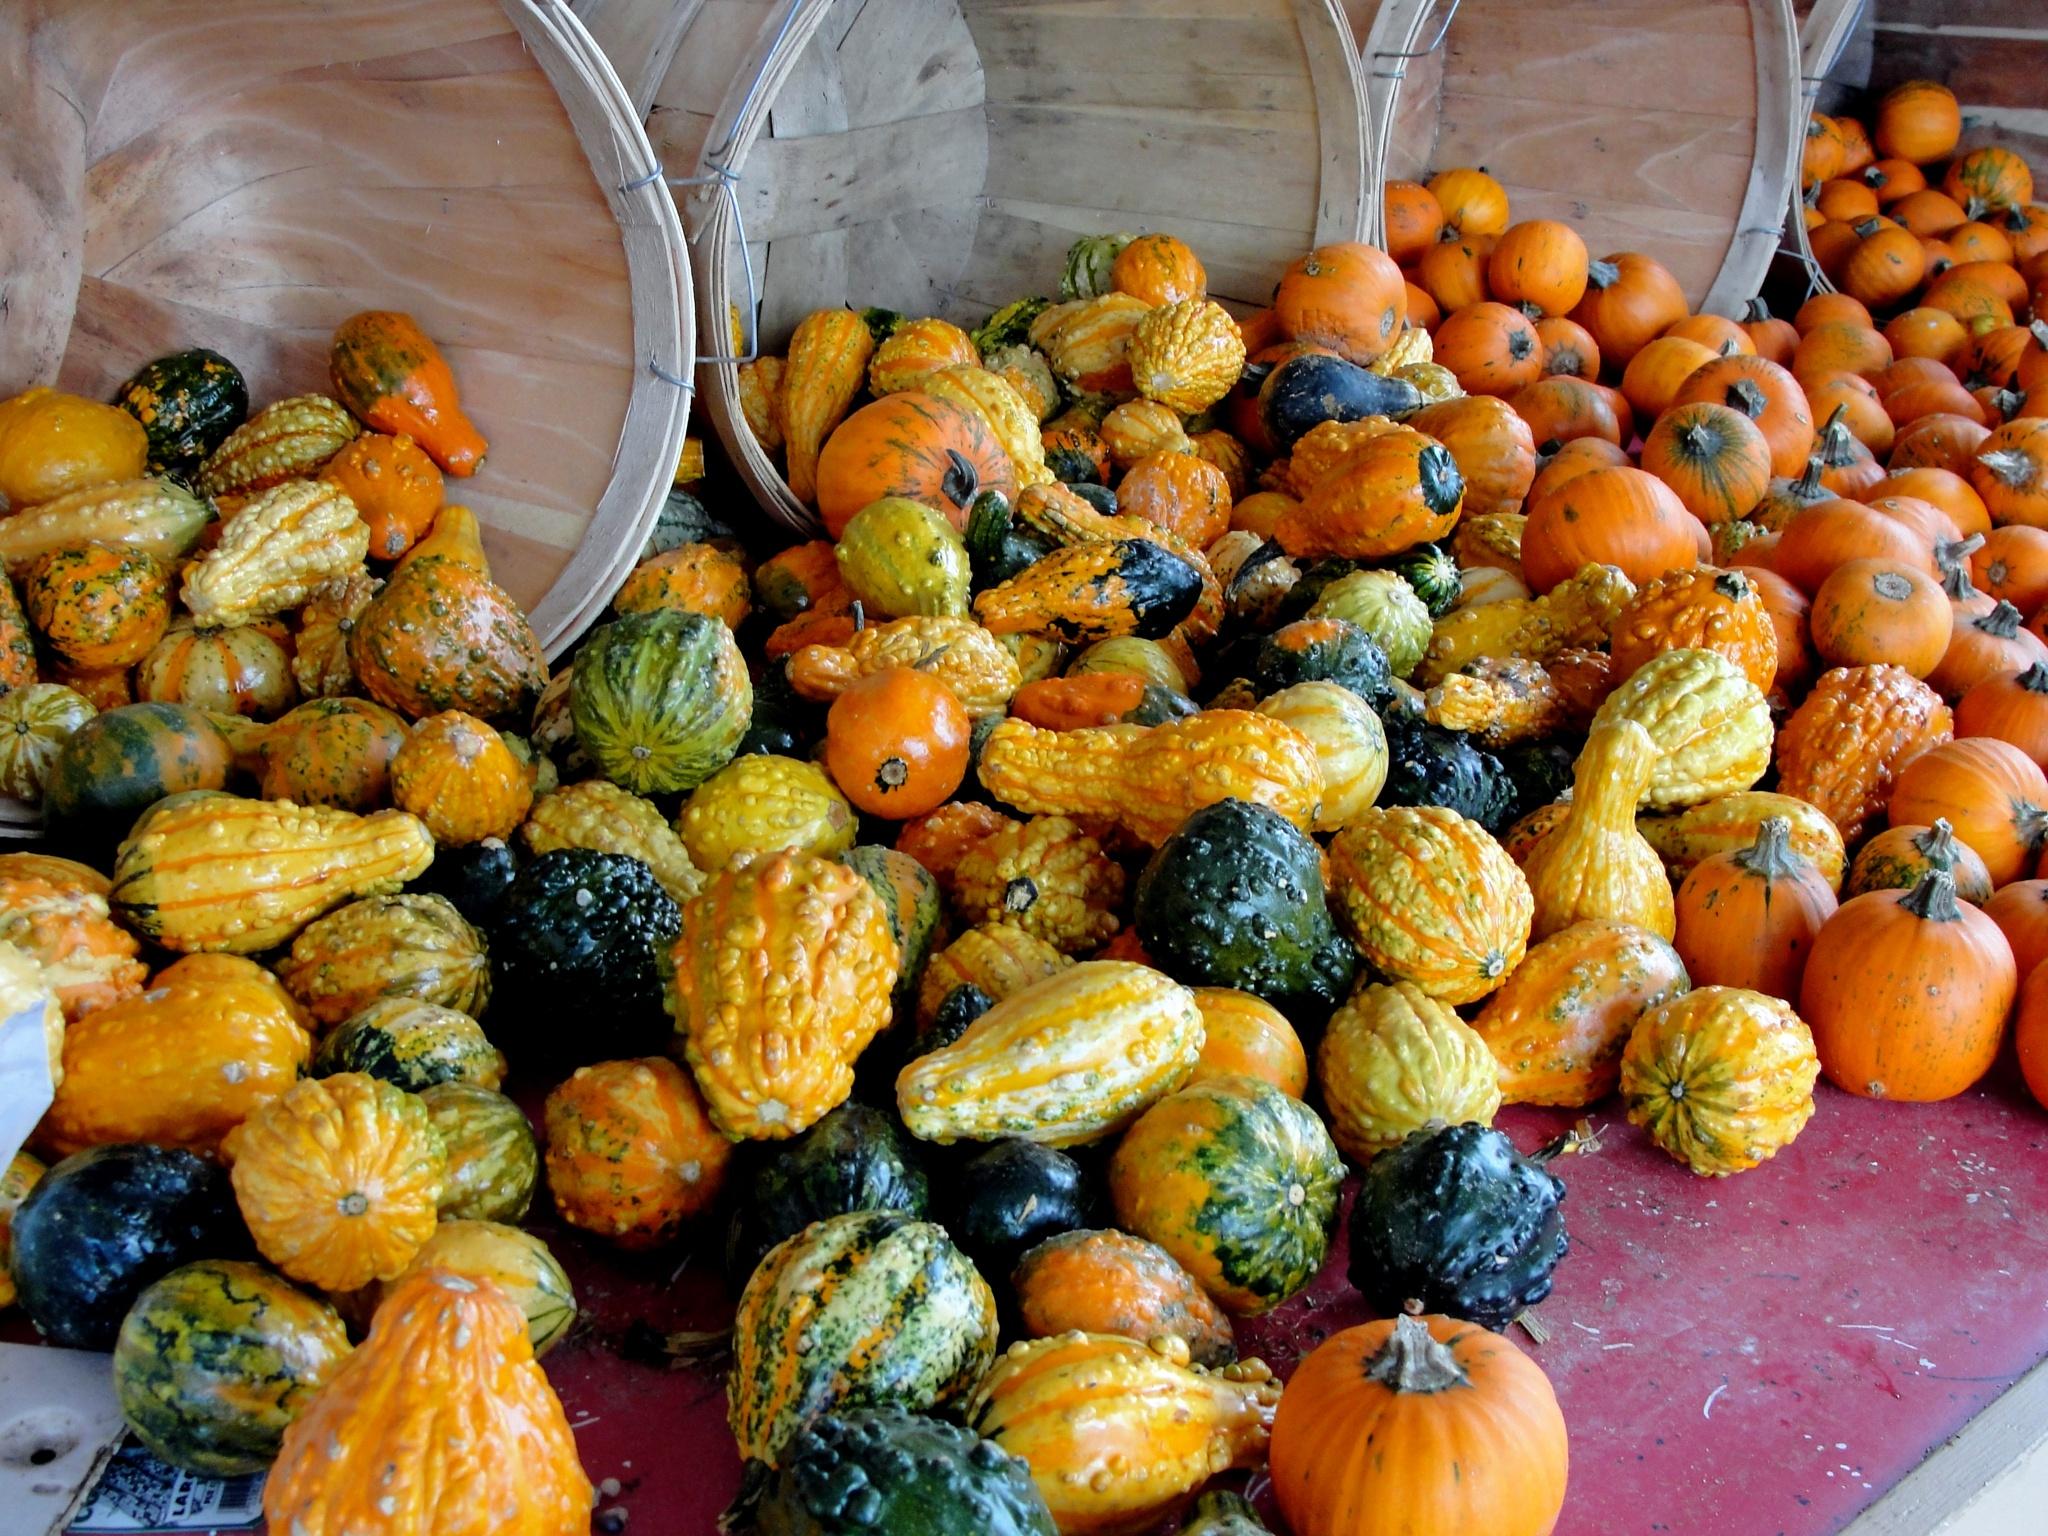 Fall Produce by cbaron